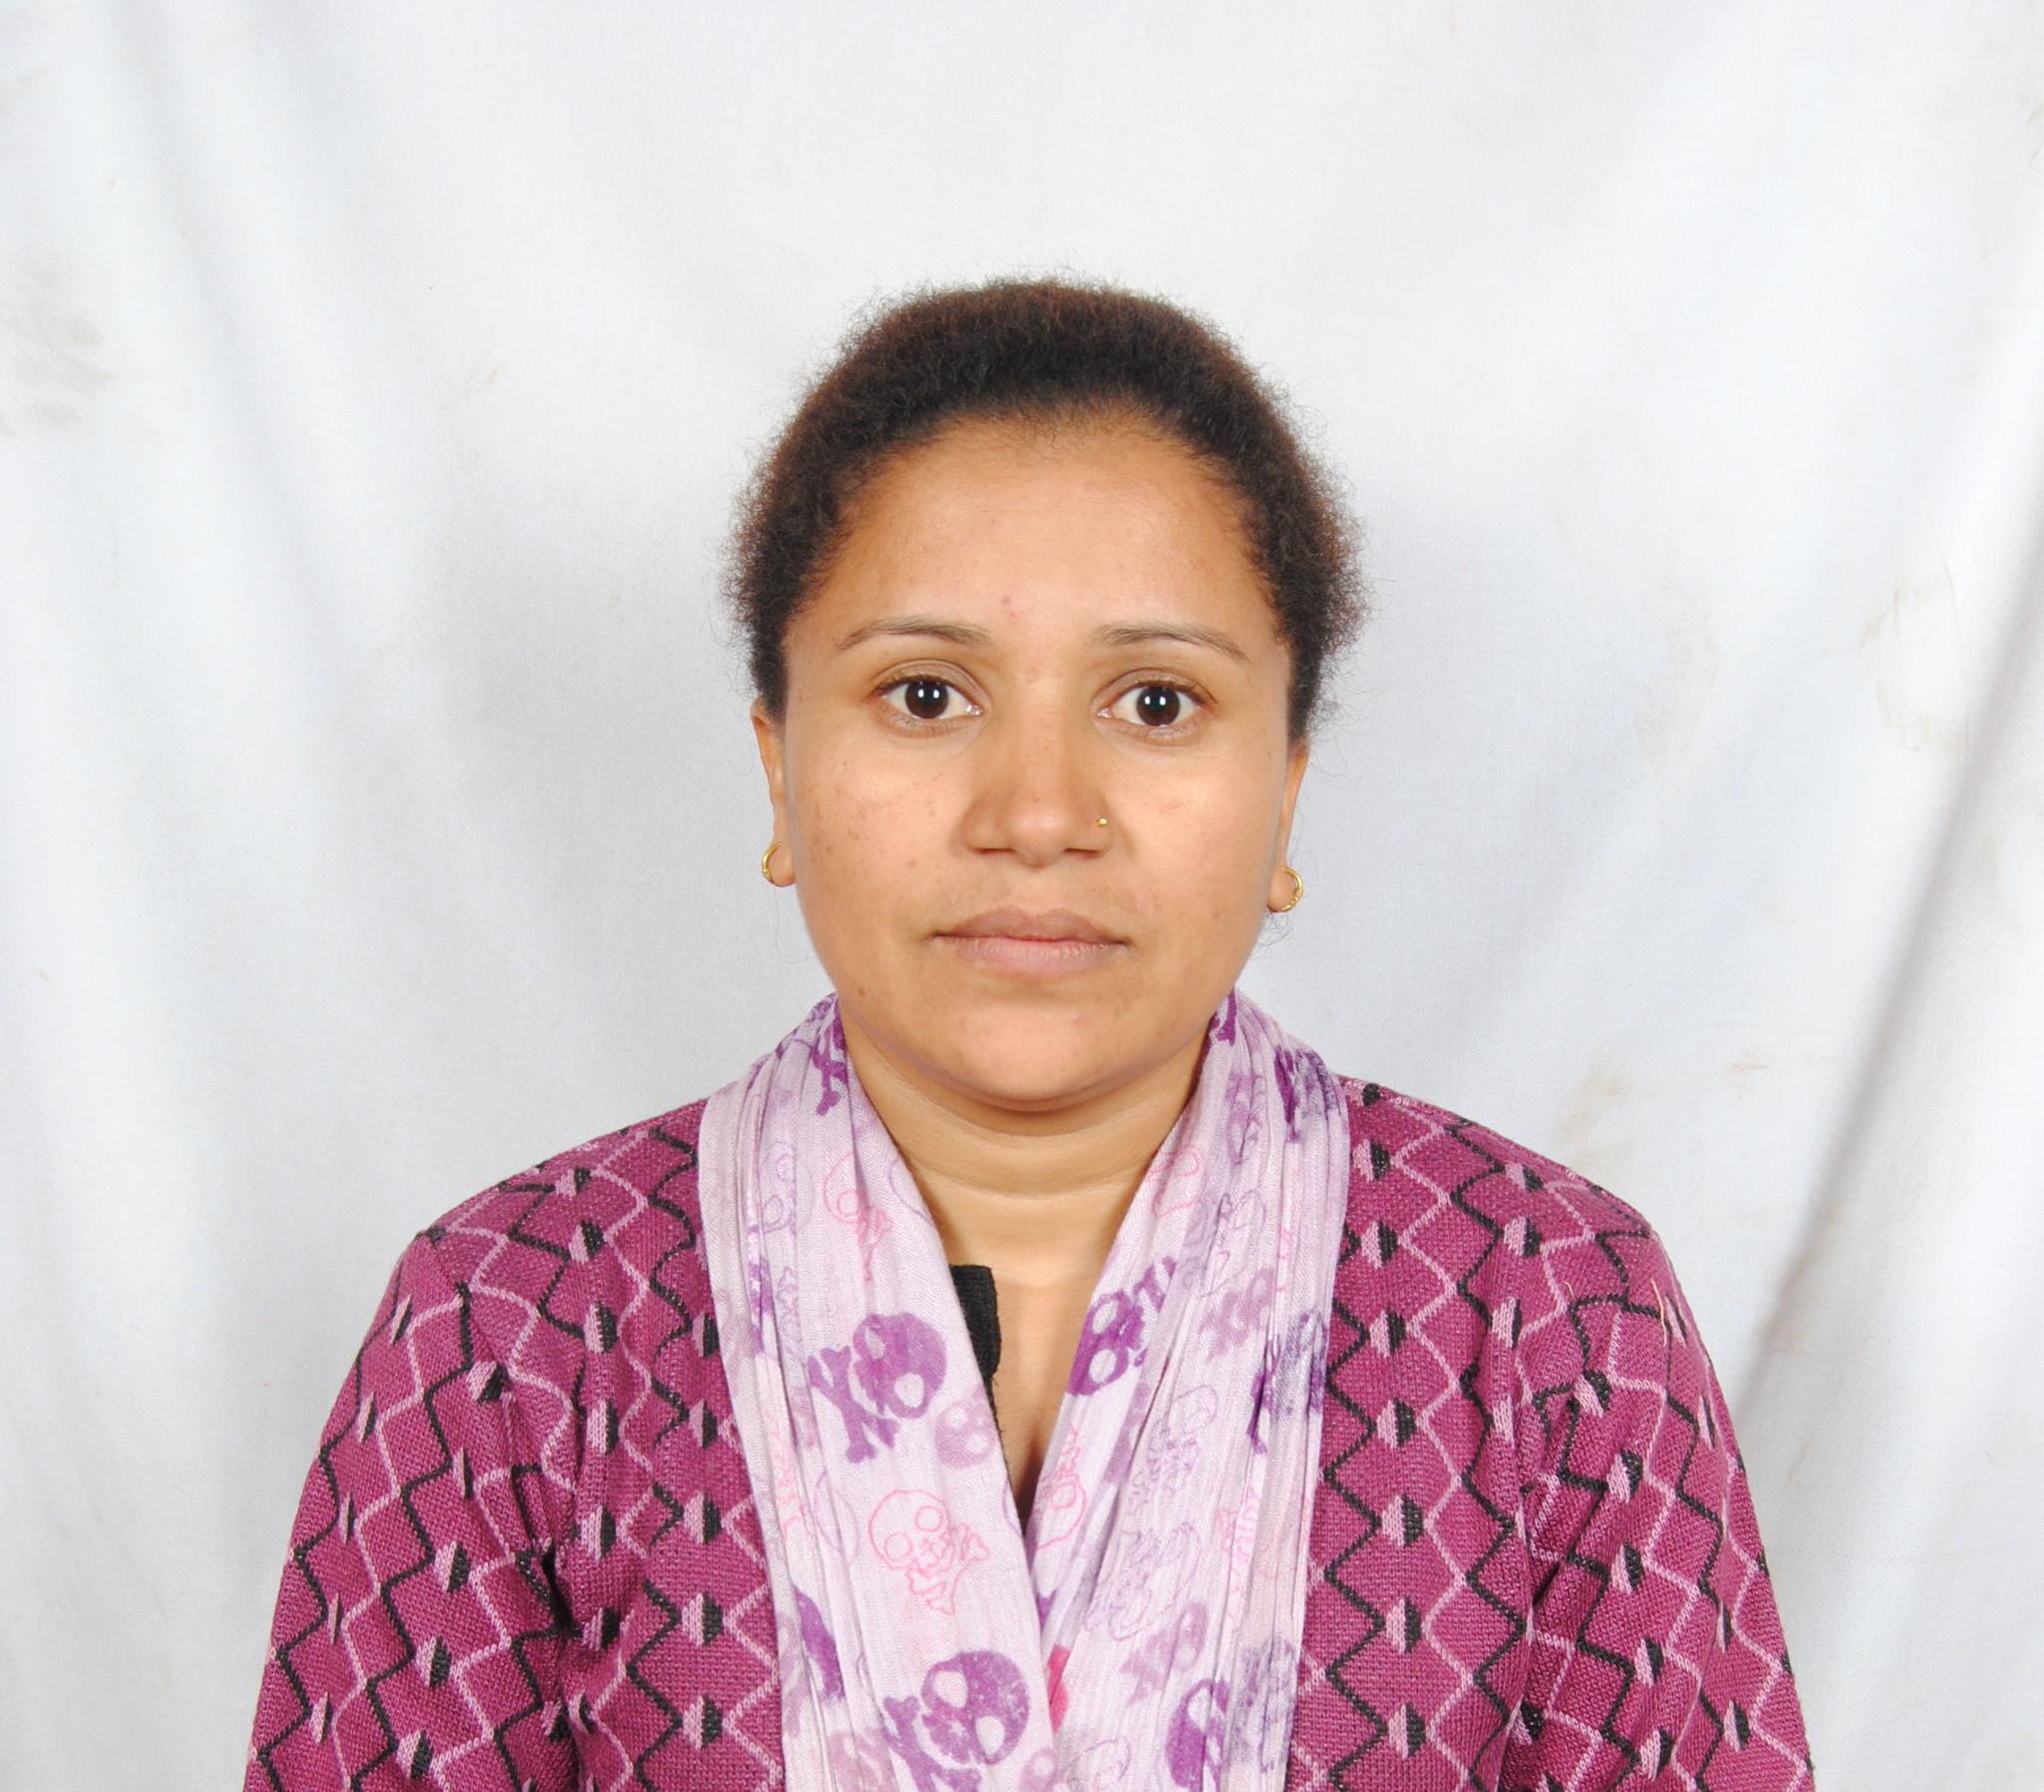 जनप्रतिनिधिका न्यायाधीश जनता नै हुन् : पार्वती बिसुन्के